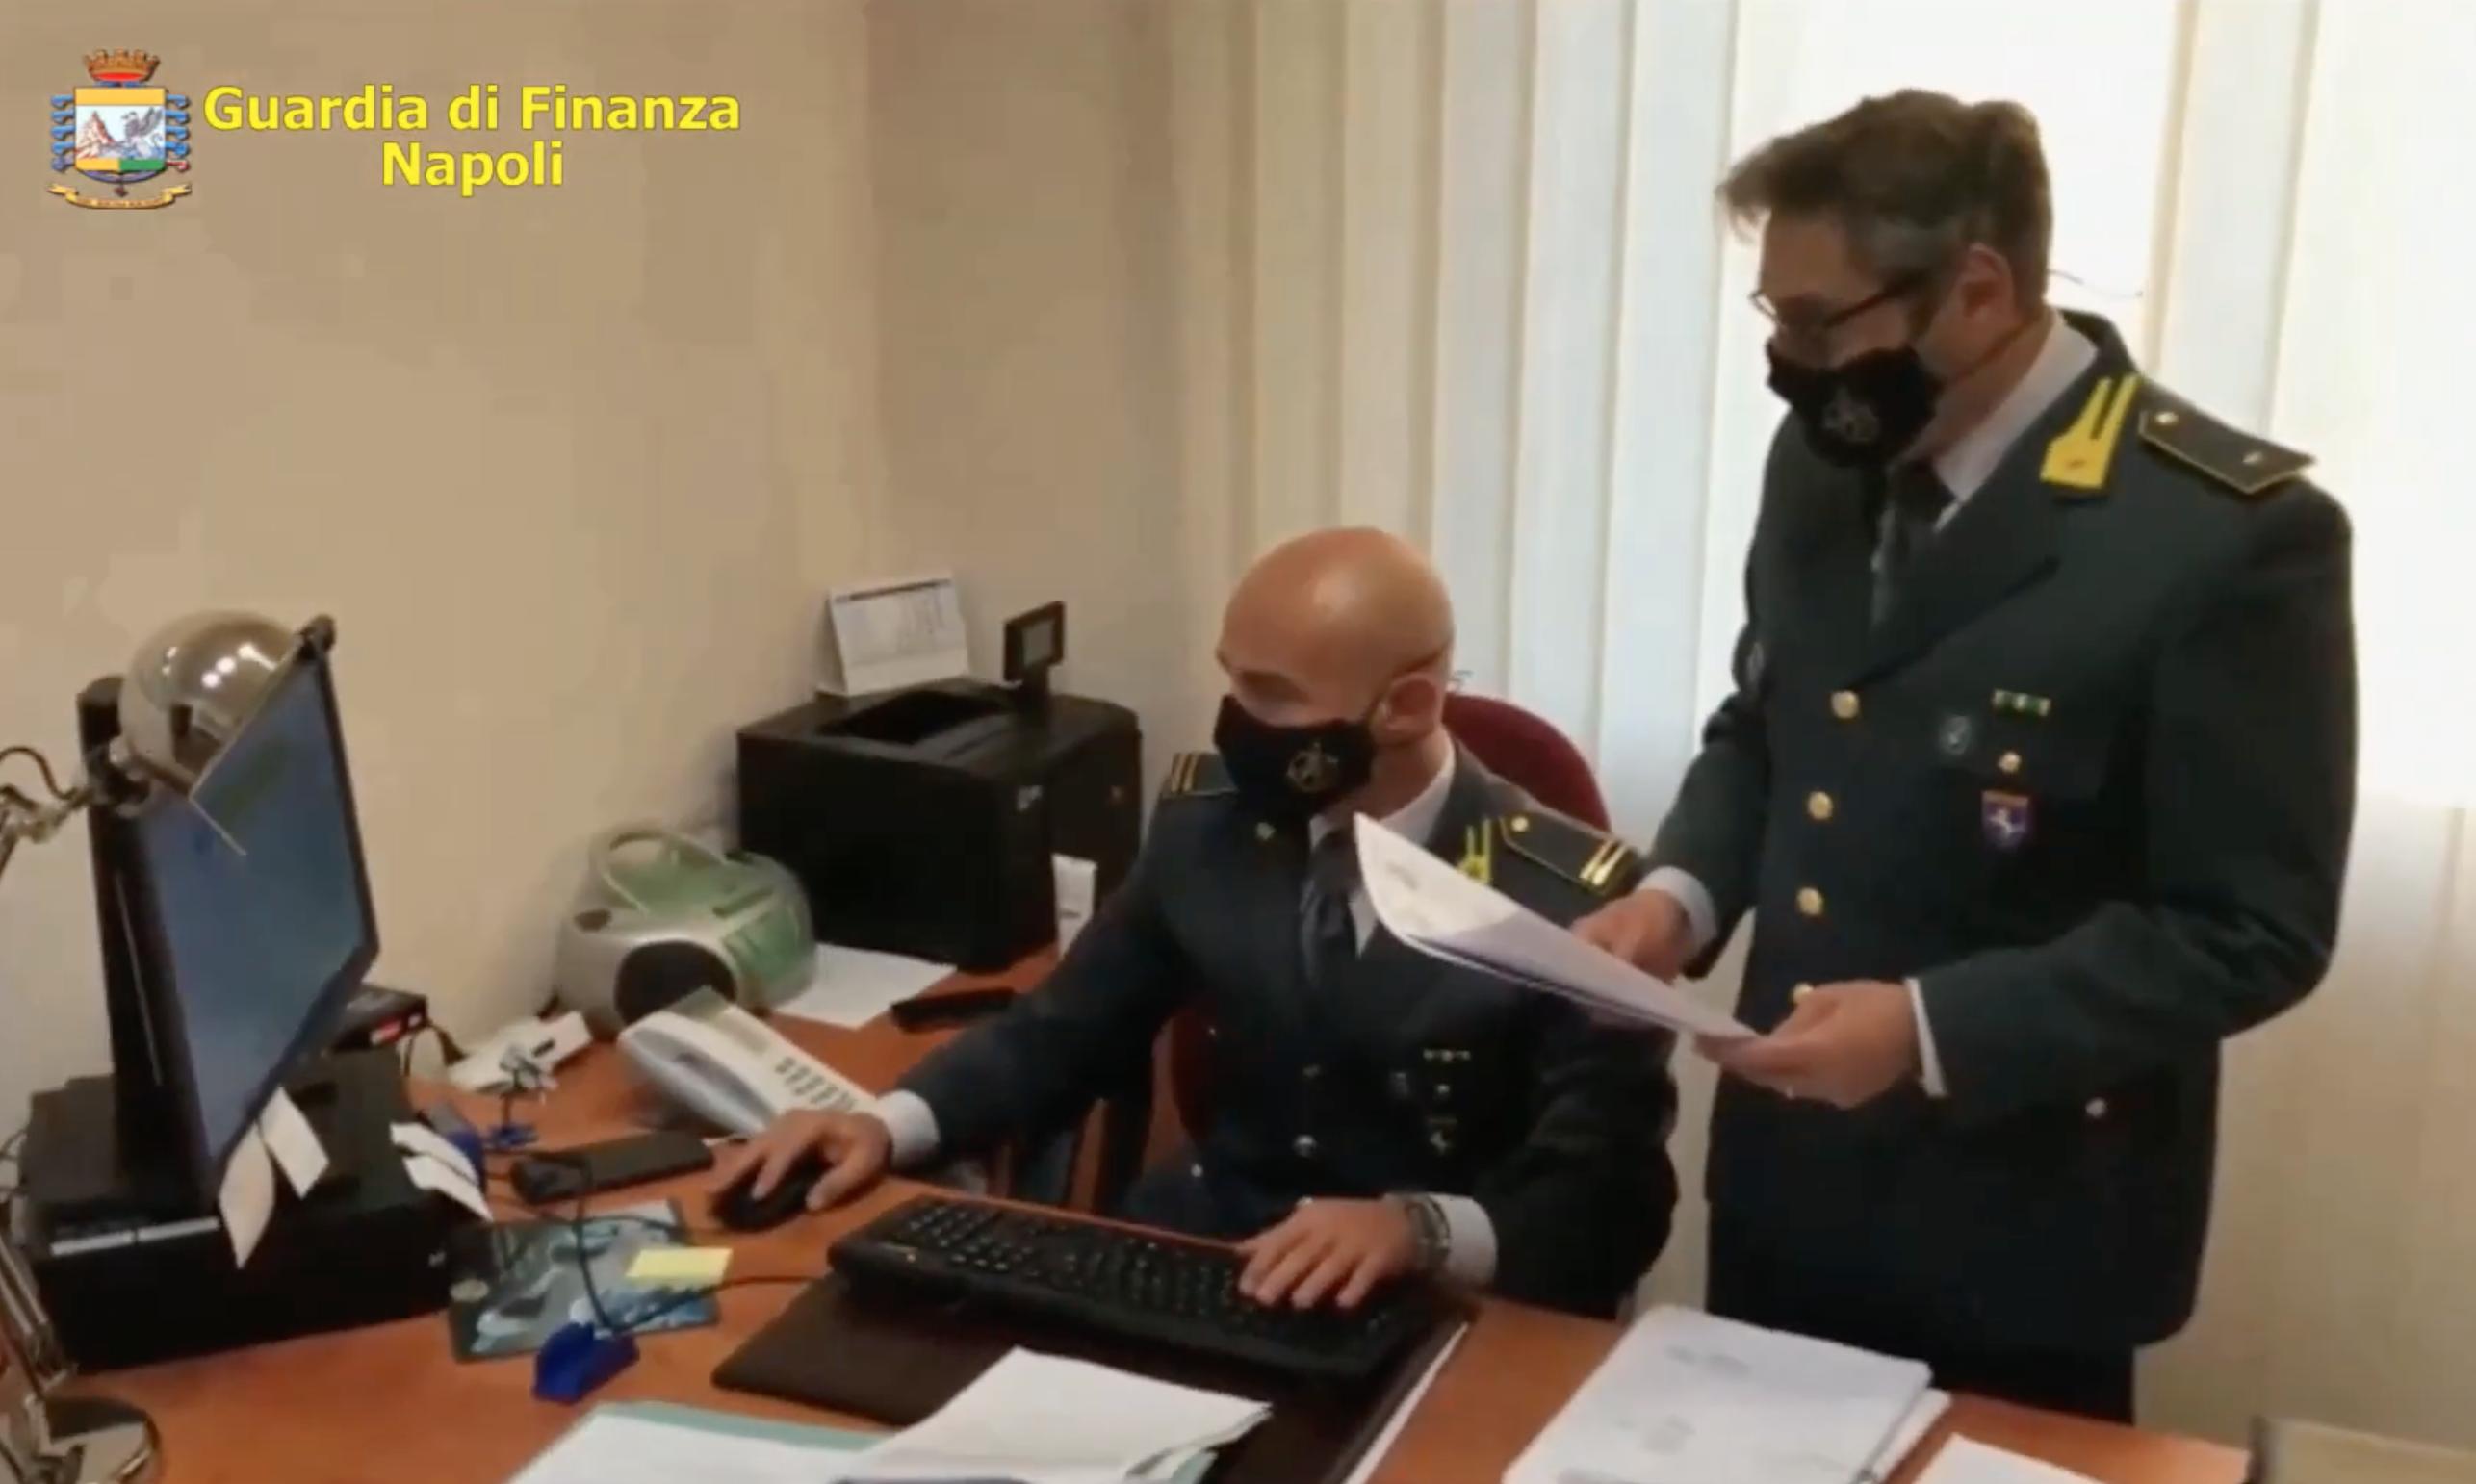 Contrabbando, sequestrati a Napoli beni per 2 milioni a Rocco Cafiero